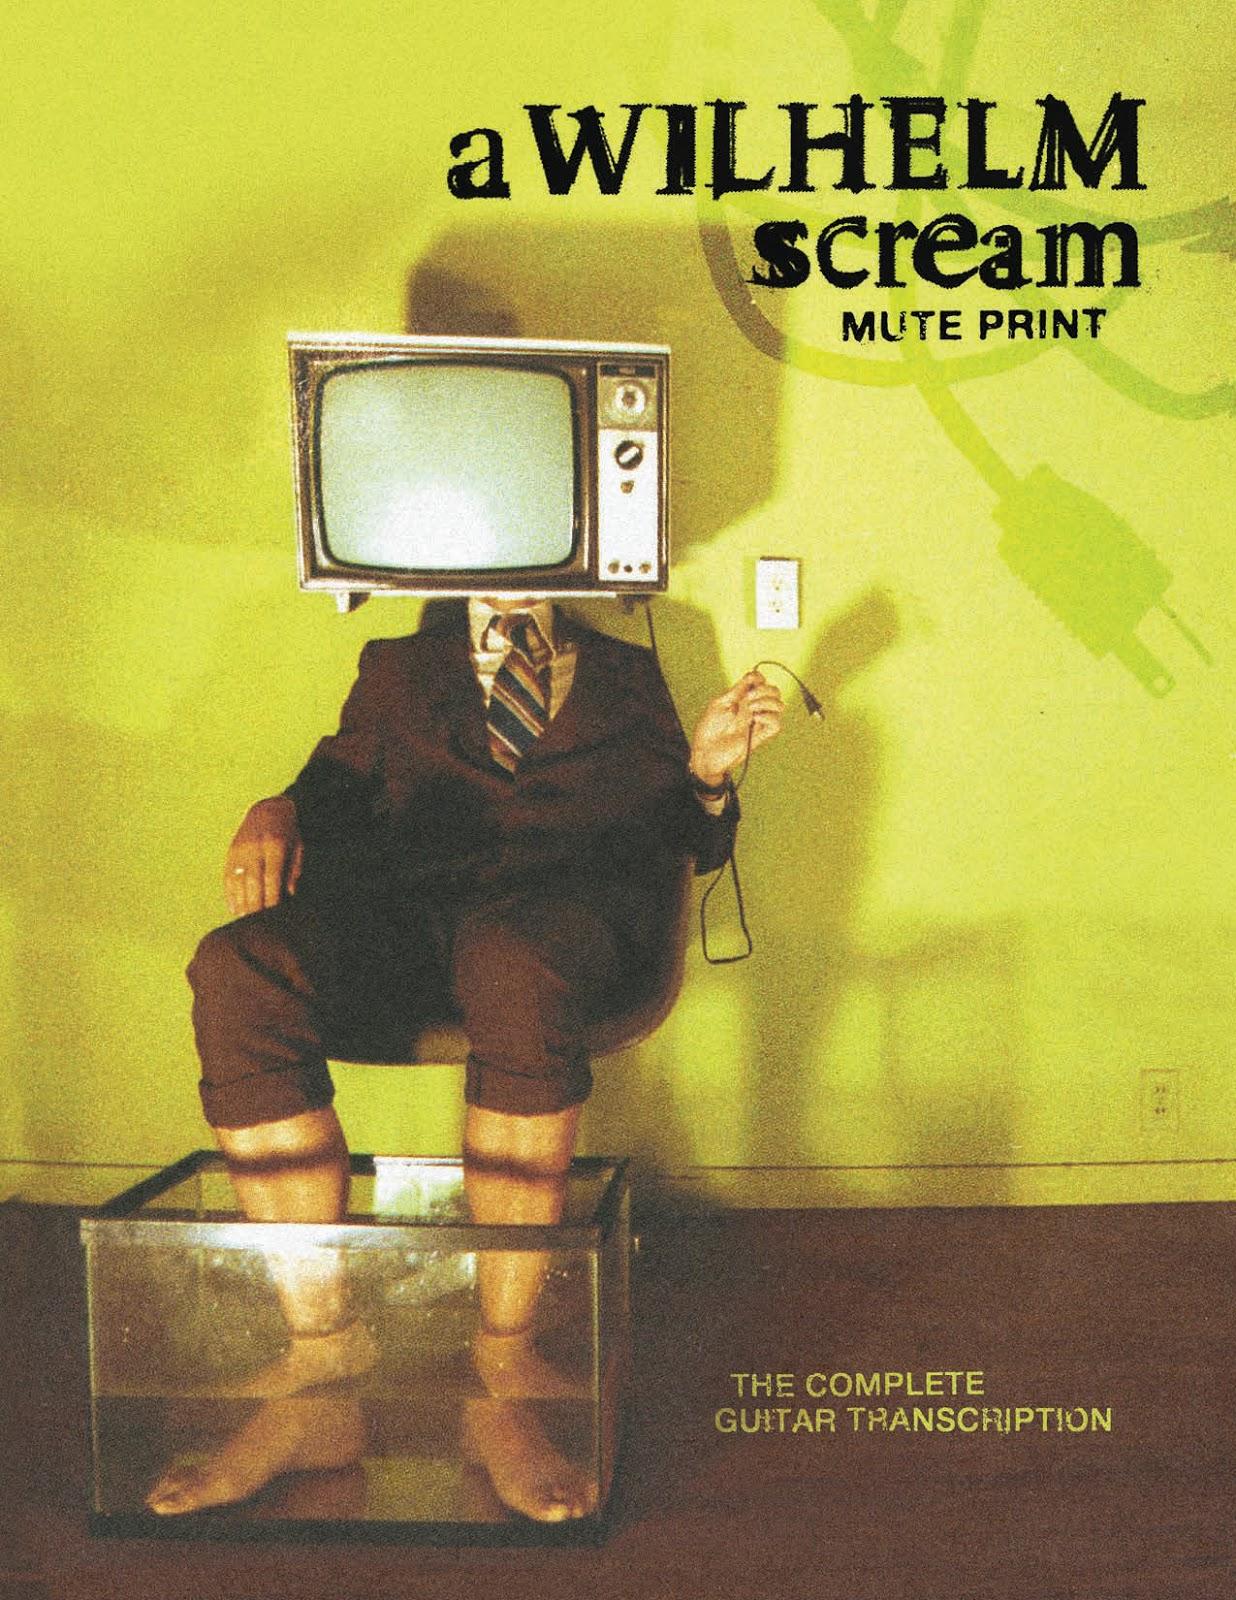 Screaming Fastcore ::: A Wilhelm Scream - Mute Print (The